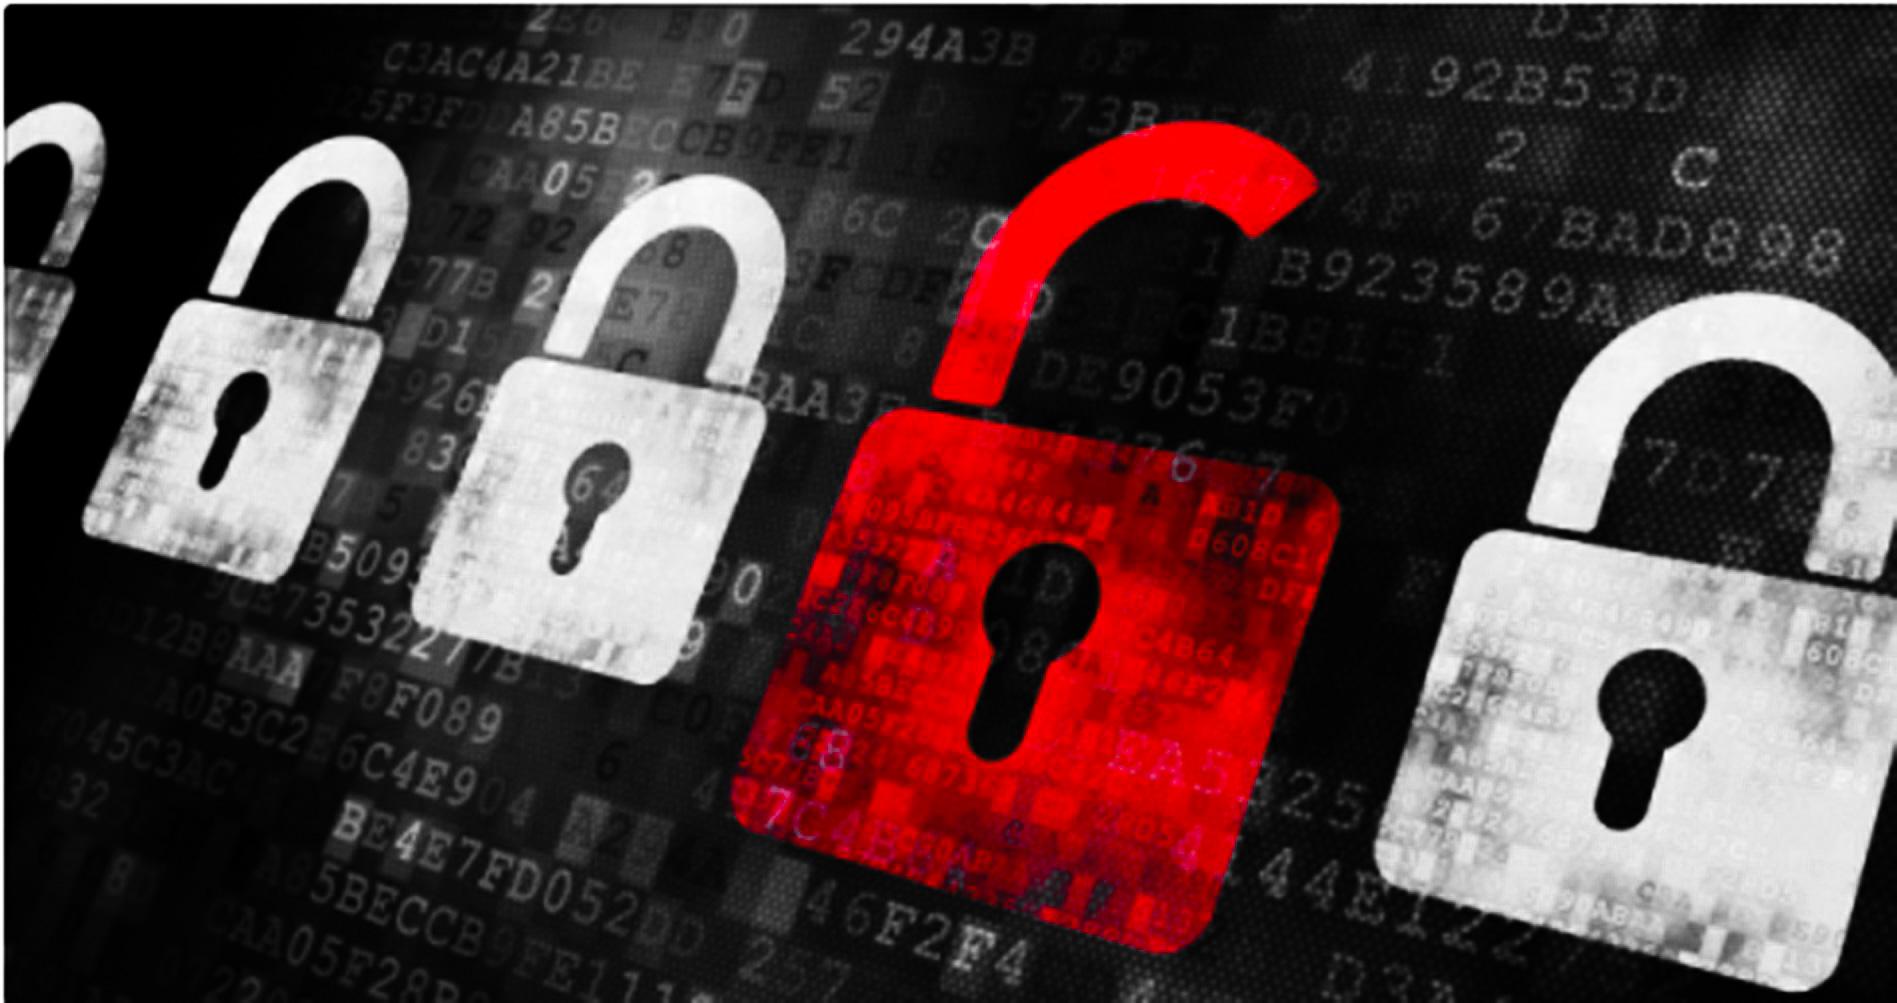 Эмнести Интернэшнл кибер цагдан хяналтын эсрэг тэмцэлд нэгдэв